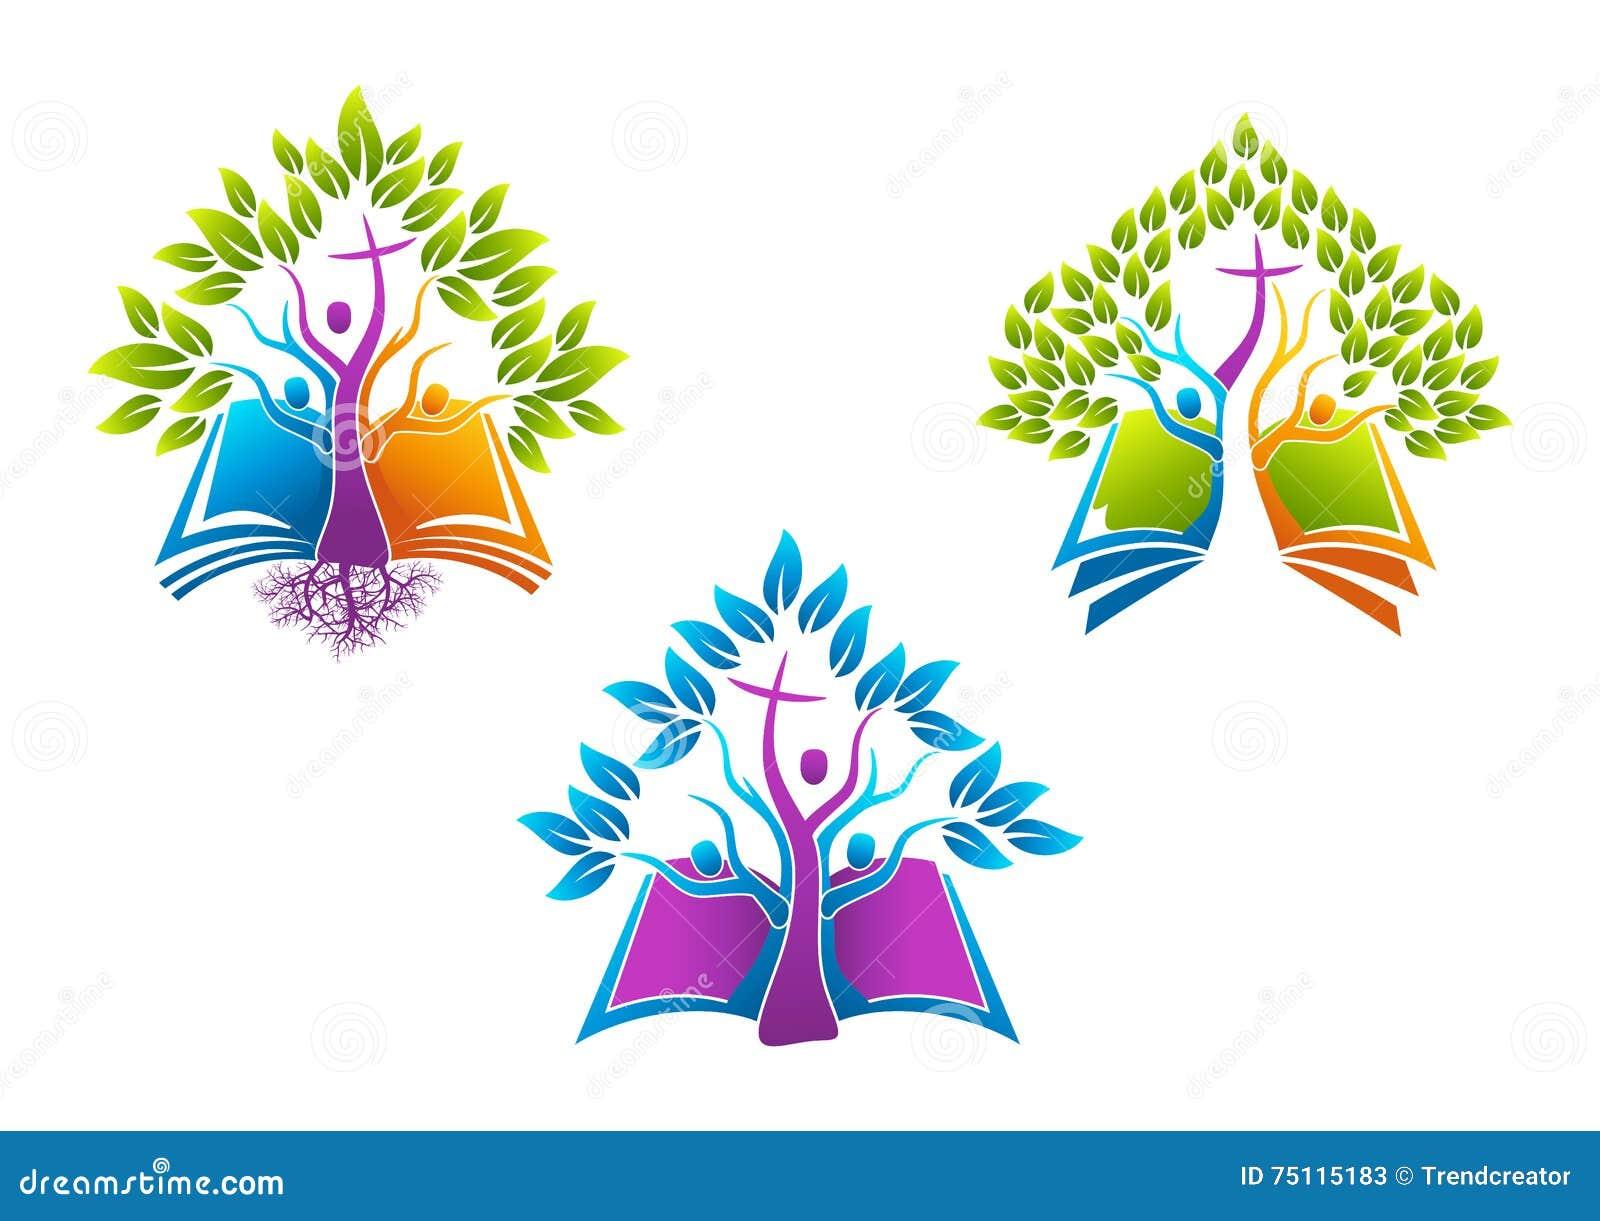 Logotipo cristão da árvore da Bíblia, família do Espírito Santo do ícone da raiz do livro, projeto do símbolo do vetor da igreja